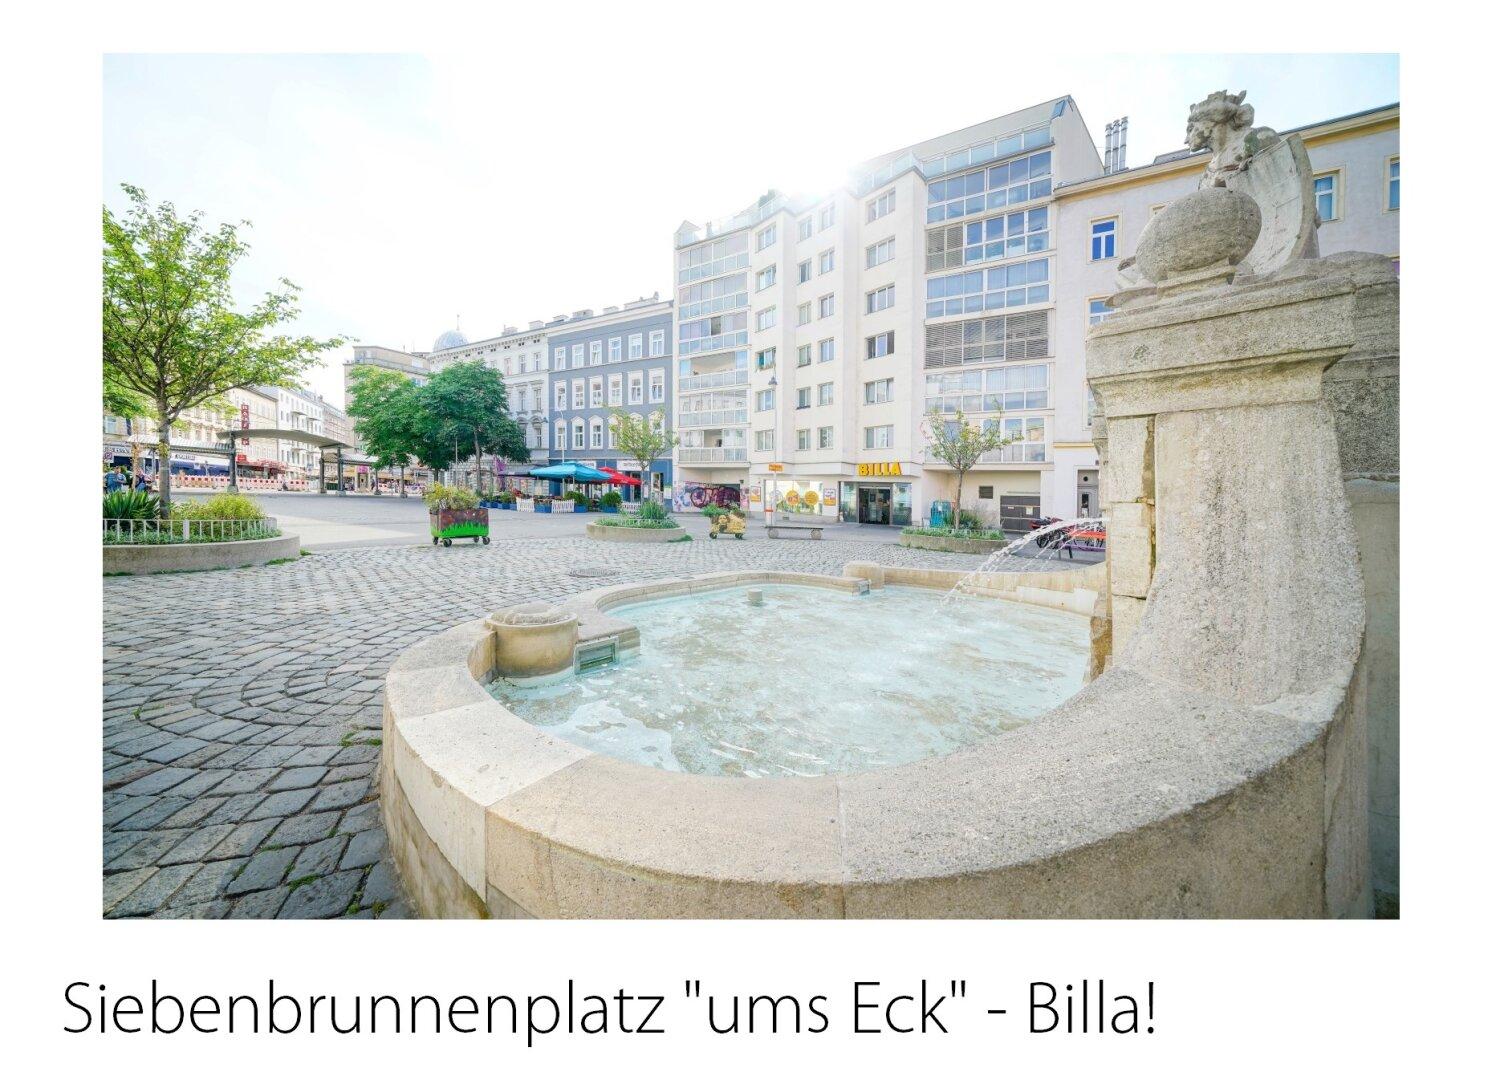 Nahe Siebenbrunnenplatz